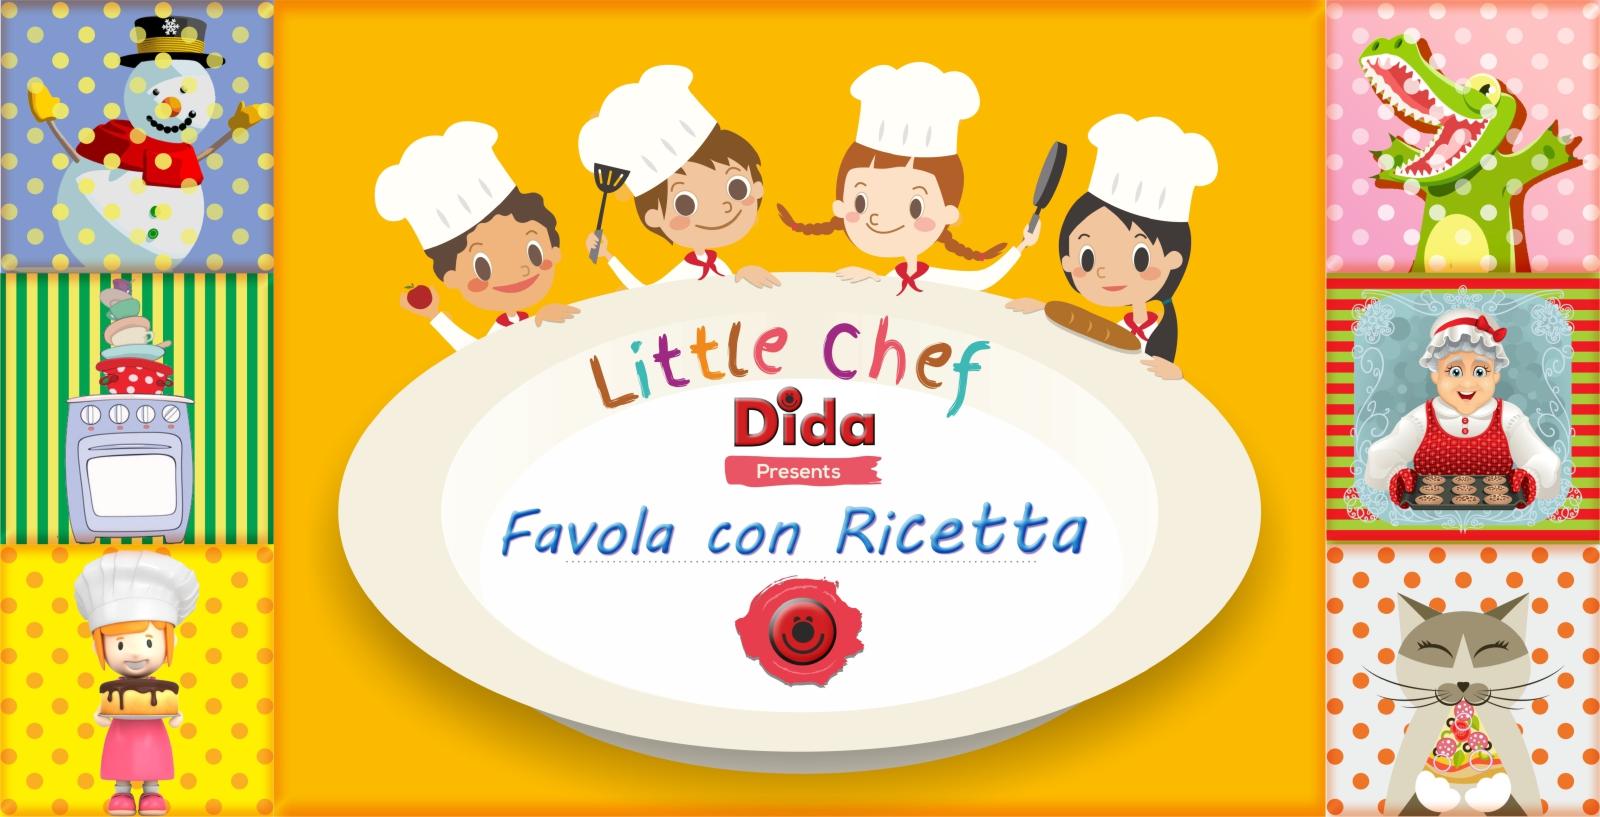 ricette per bambini pdf - ebook ricette per bambini gratis - ricette da stampare - ricette da leggere